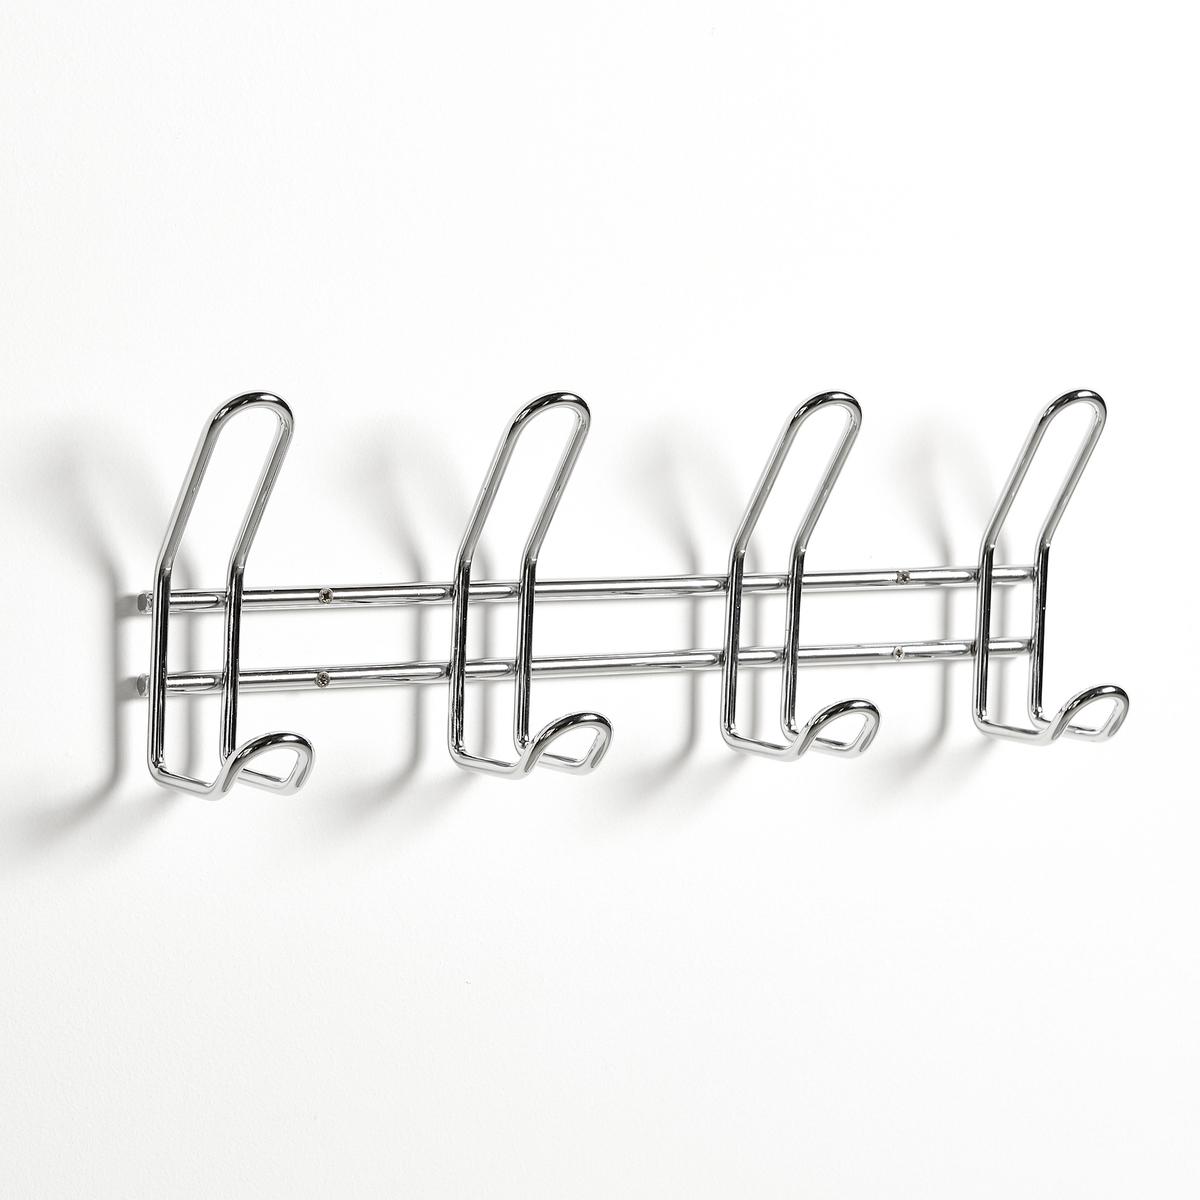 Вешалка с 4 крючками из хромированной сталиПодвесная вешалка из хромированной стали с 4 крючками. Закругленные концы сверху и снизу для защиты одежды. Простой и усовершенствованный дизайн впишется в любой интерьер.Описание вешалки:Вешалка с 4 крючками из хромированной сталиОписание вешалки :Из хромированной сталиРазмеры :Д37,5 x В4,5 x Г13,5  смВес : 0,693 кгРазмеры упаковки : 1 упаковка12 x 12 x 43 смВес : 693 г- Шурупы и дюбели продаются отдельно<br><br>Цвет: серый хромированный<br>Размер: единый размер